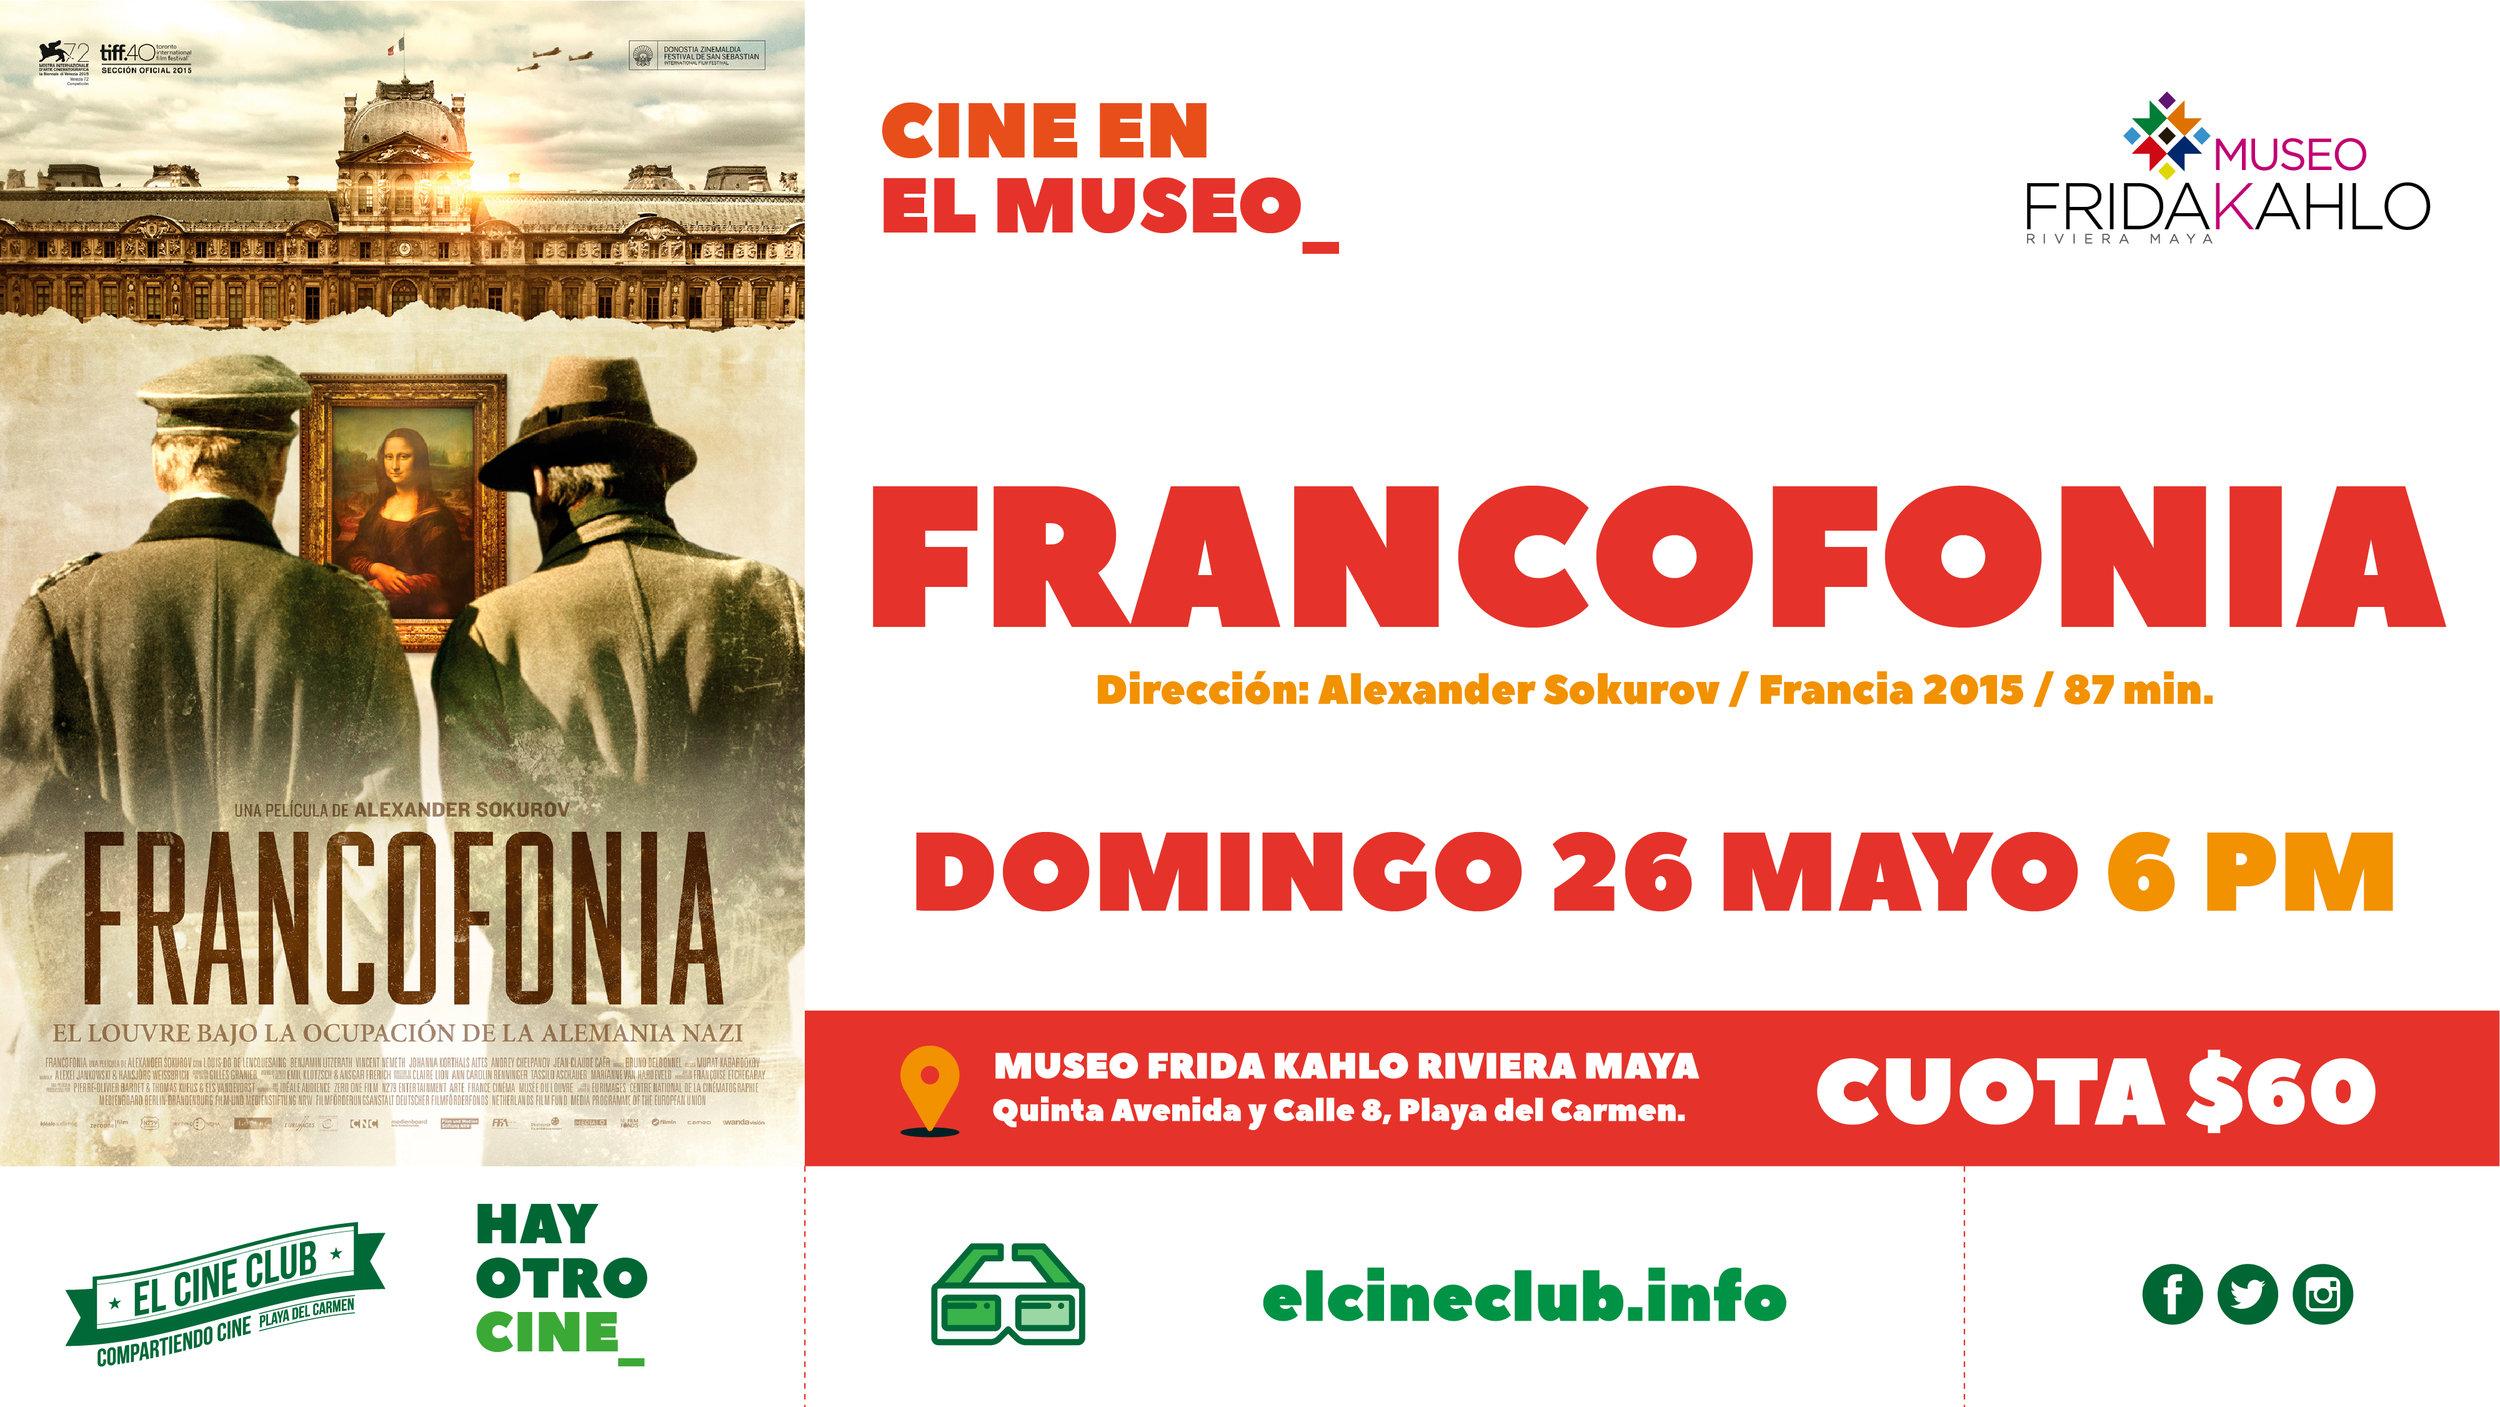 Francofonia_MFK_Mesa de trabajo 1 copia copy 7.jpg